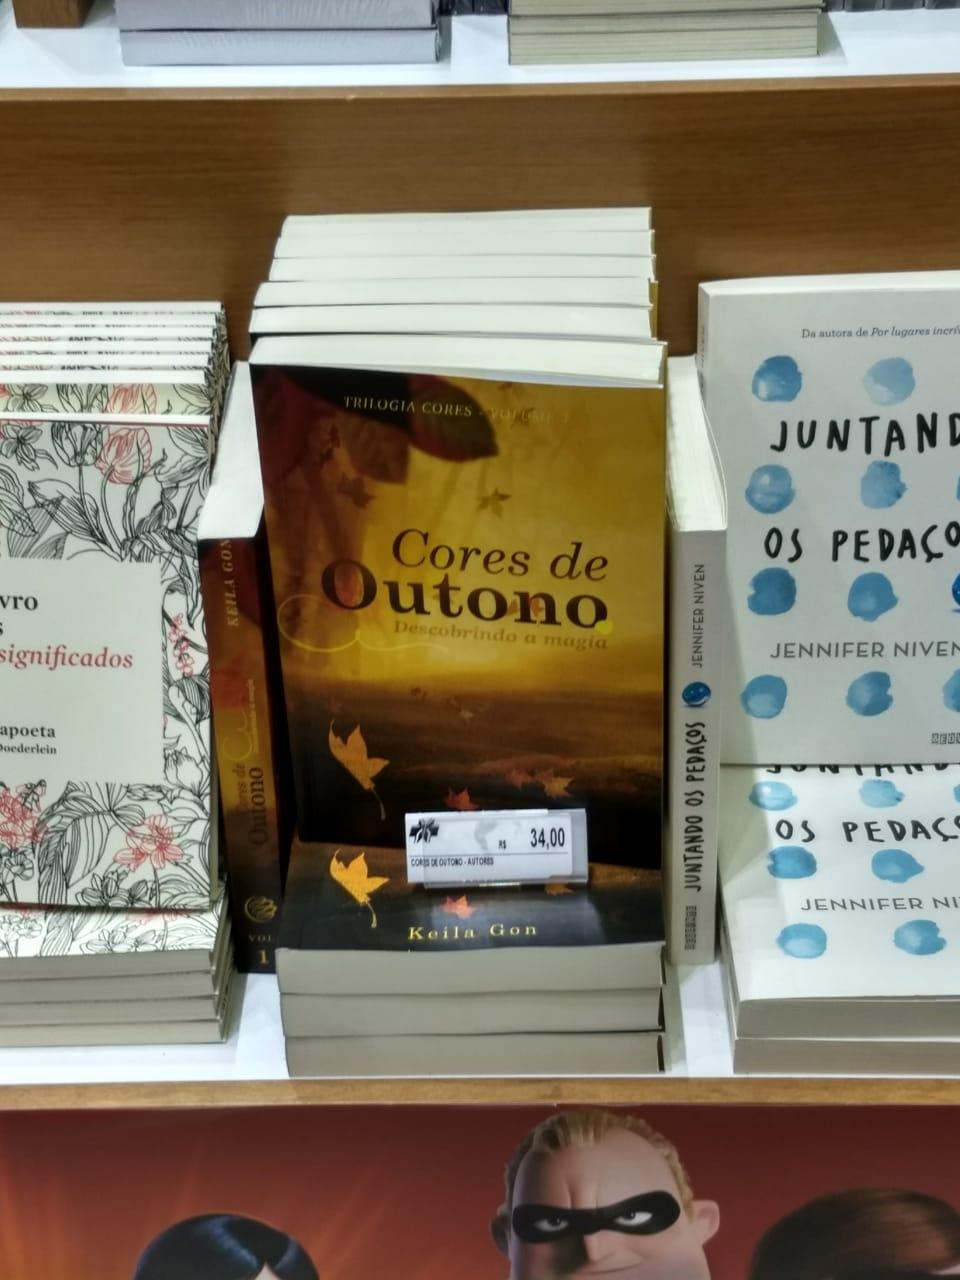 Compre Cores de Outono na Livraria Curitiba